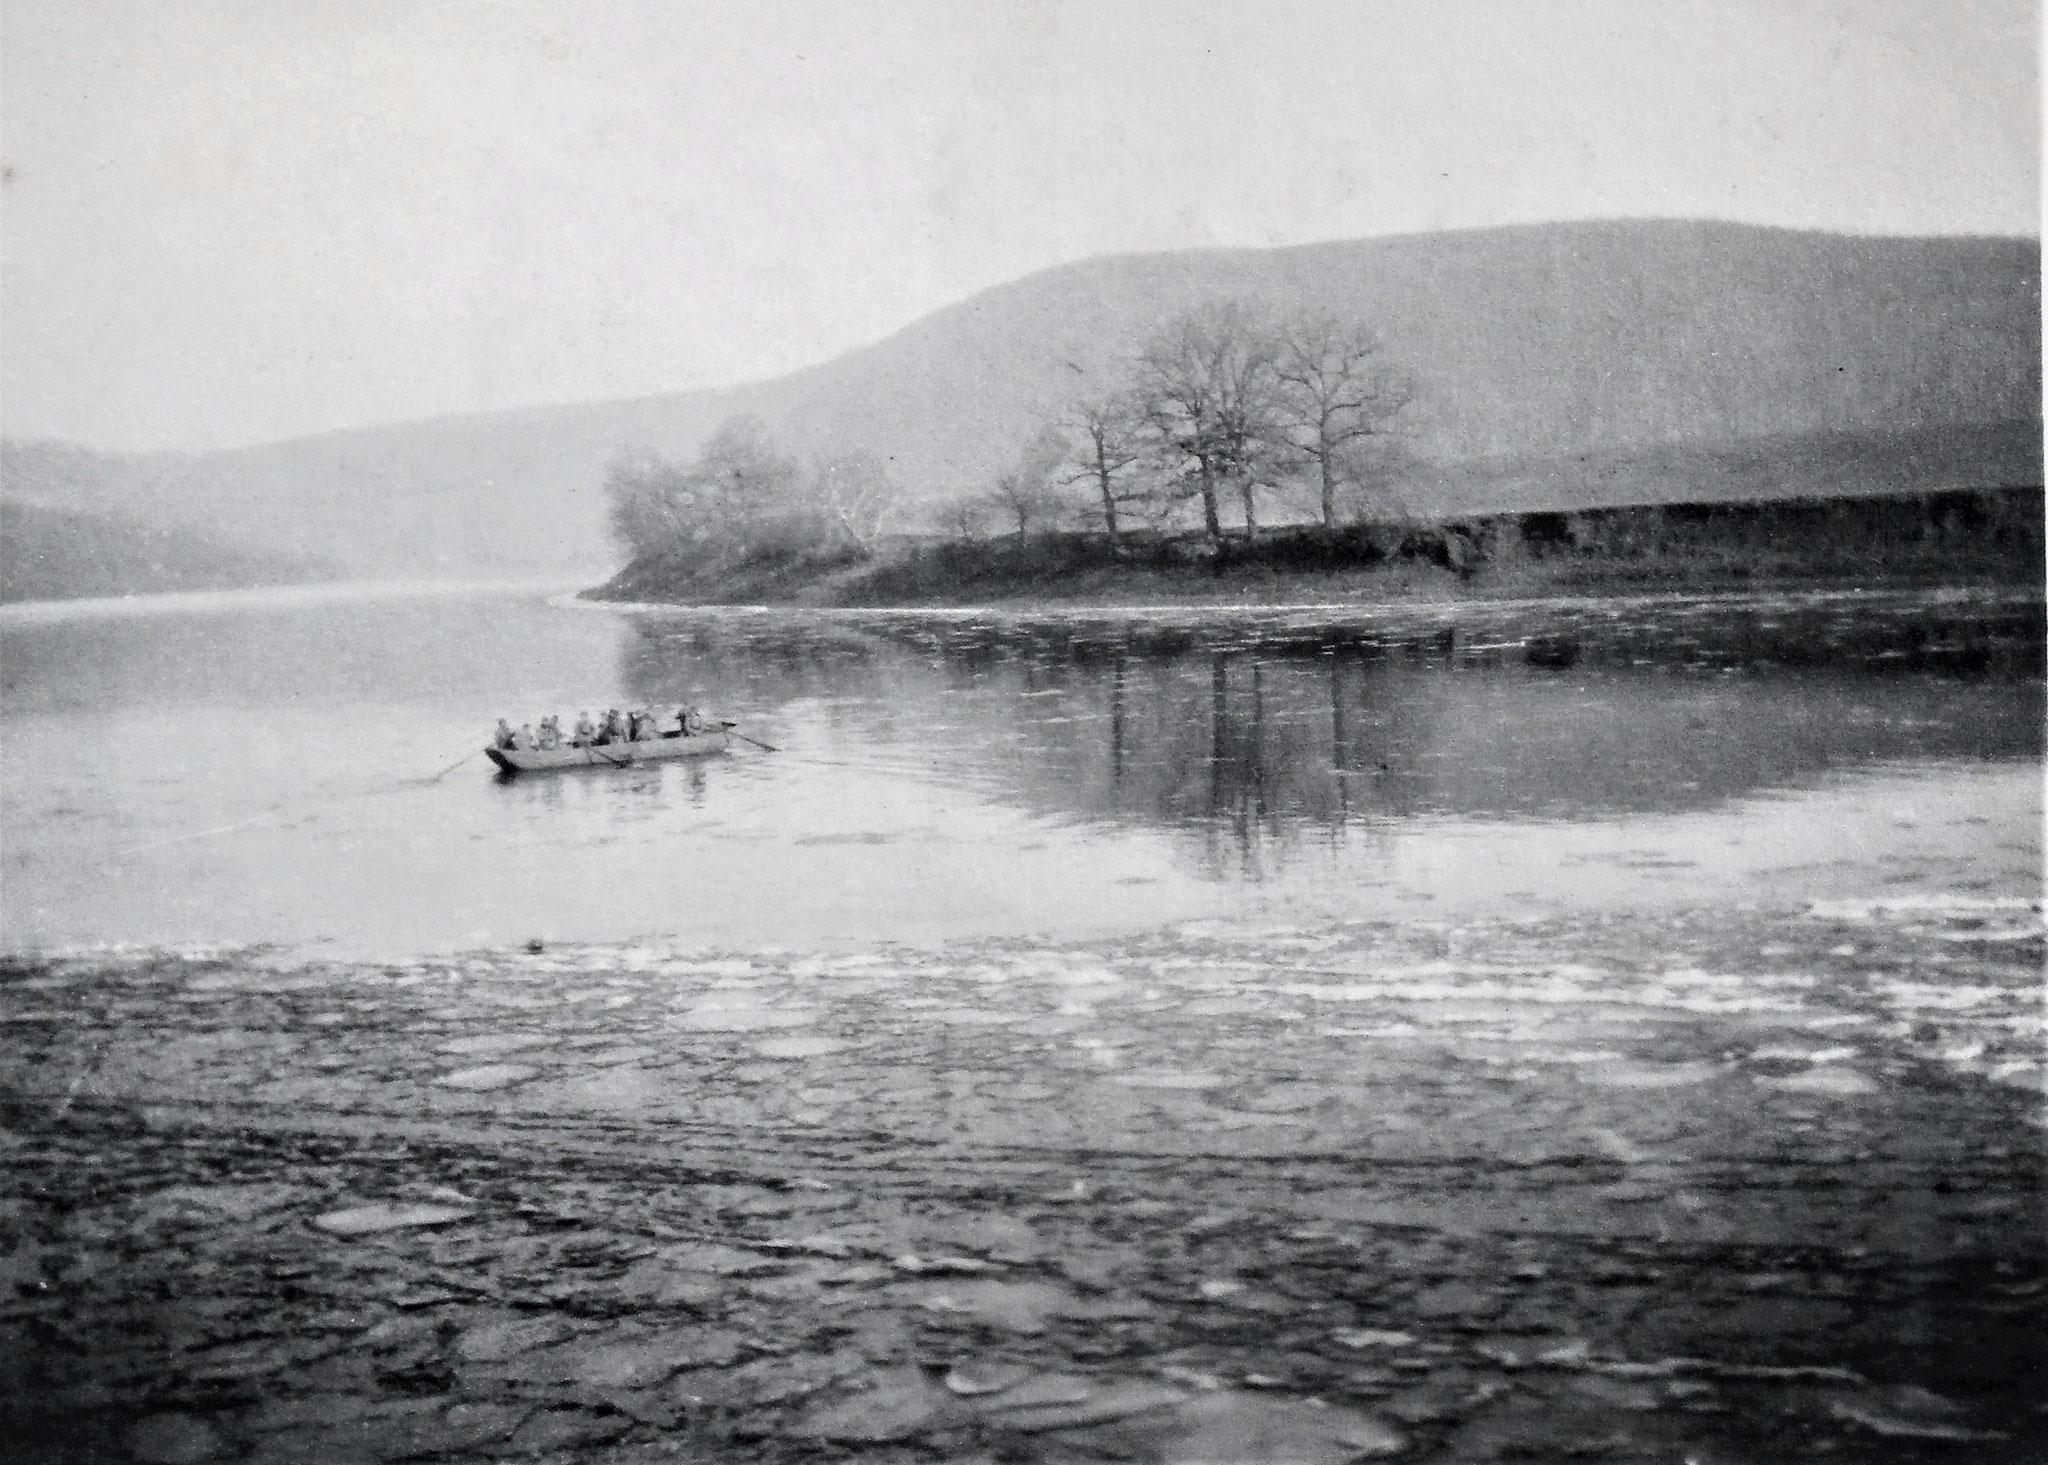 Ponton im Fluss; vorne Treibeis.